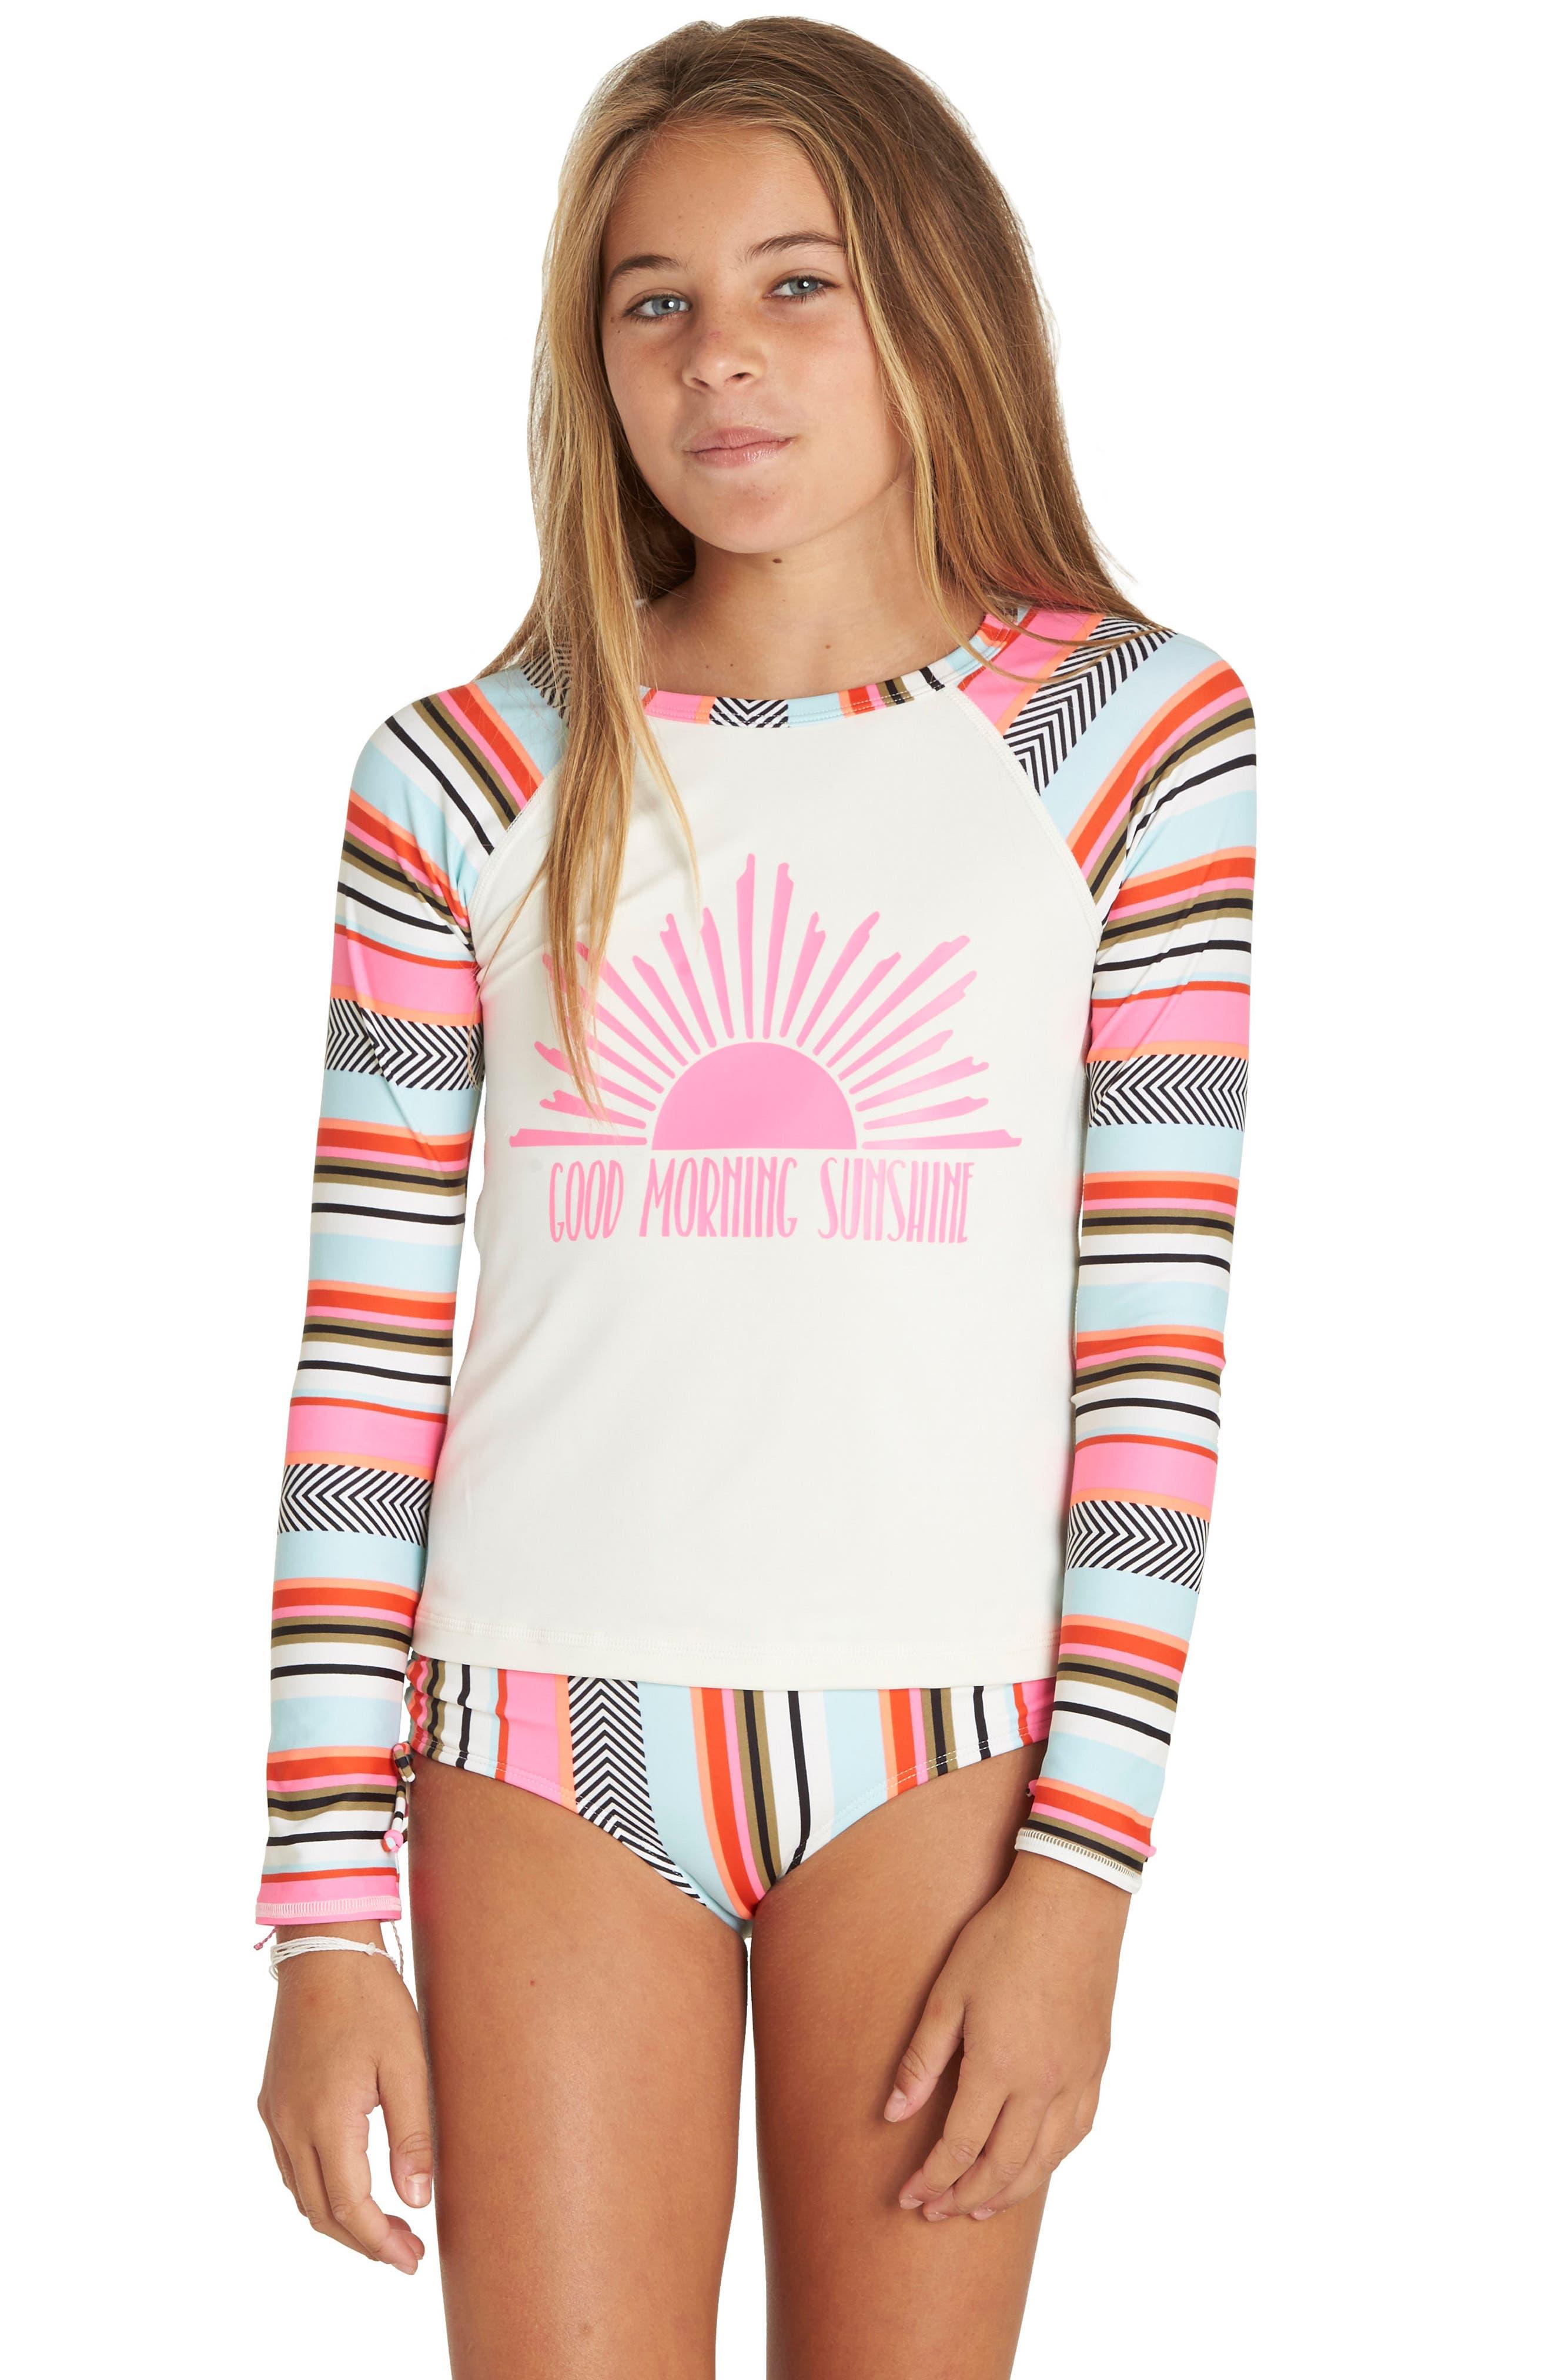 Good Morning Sunshine Two-Piece Rashguard Swimsuit,                             Alternate thumbnail 3, color,                             Multi